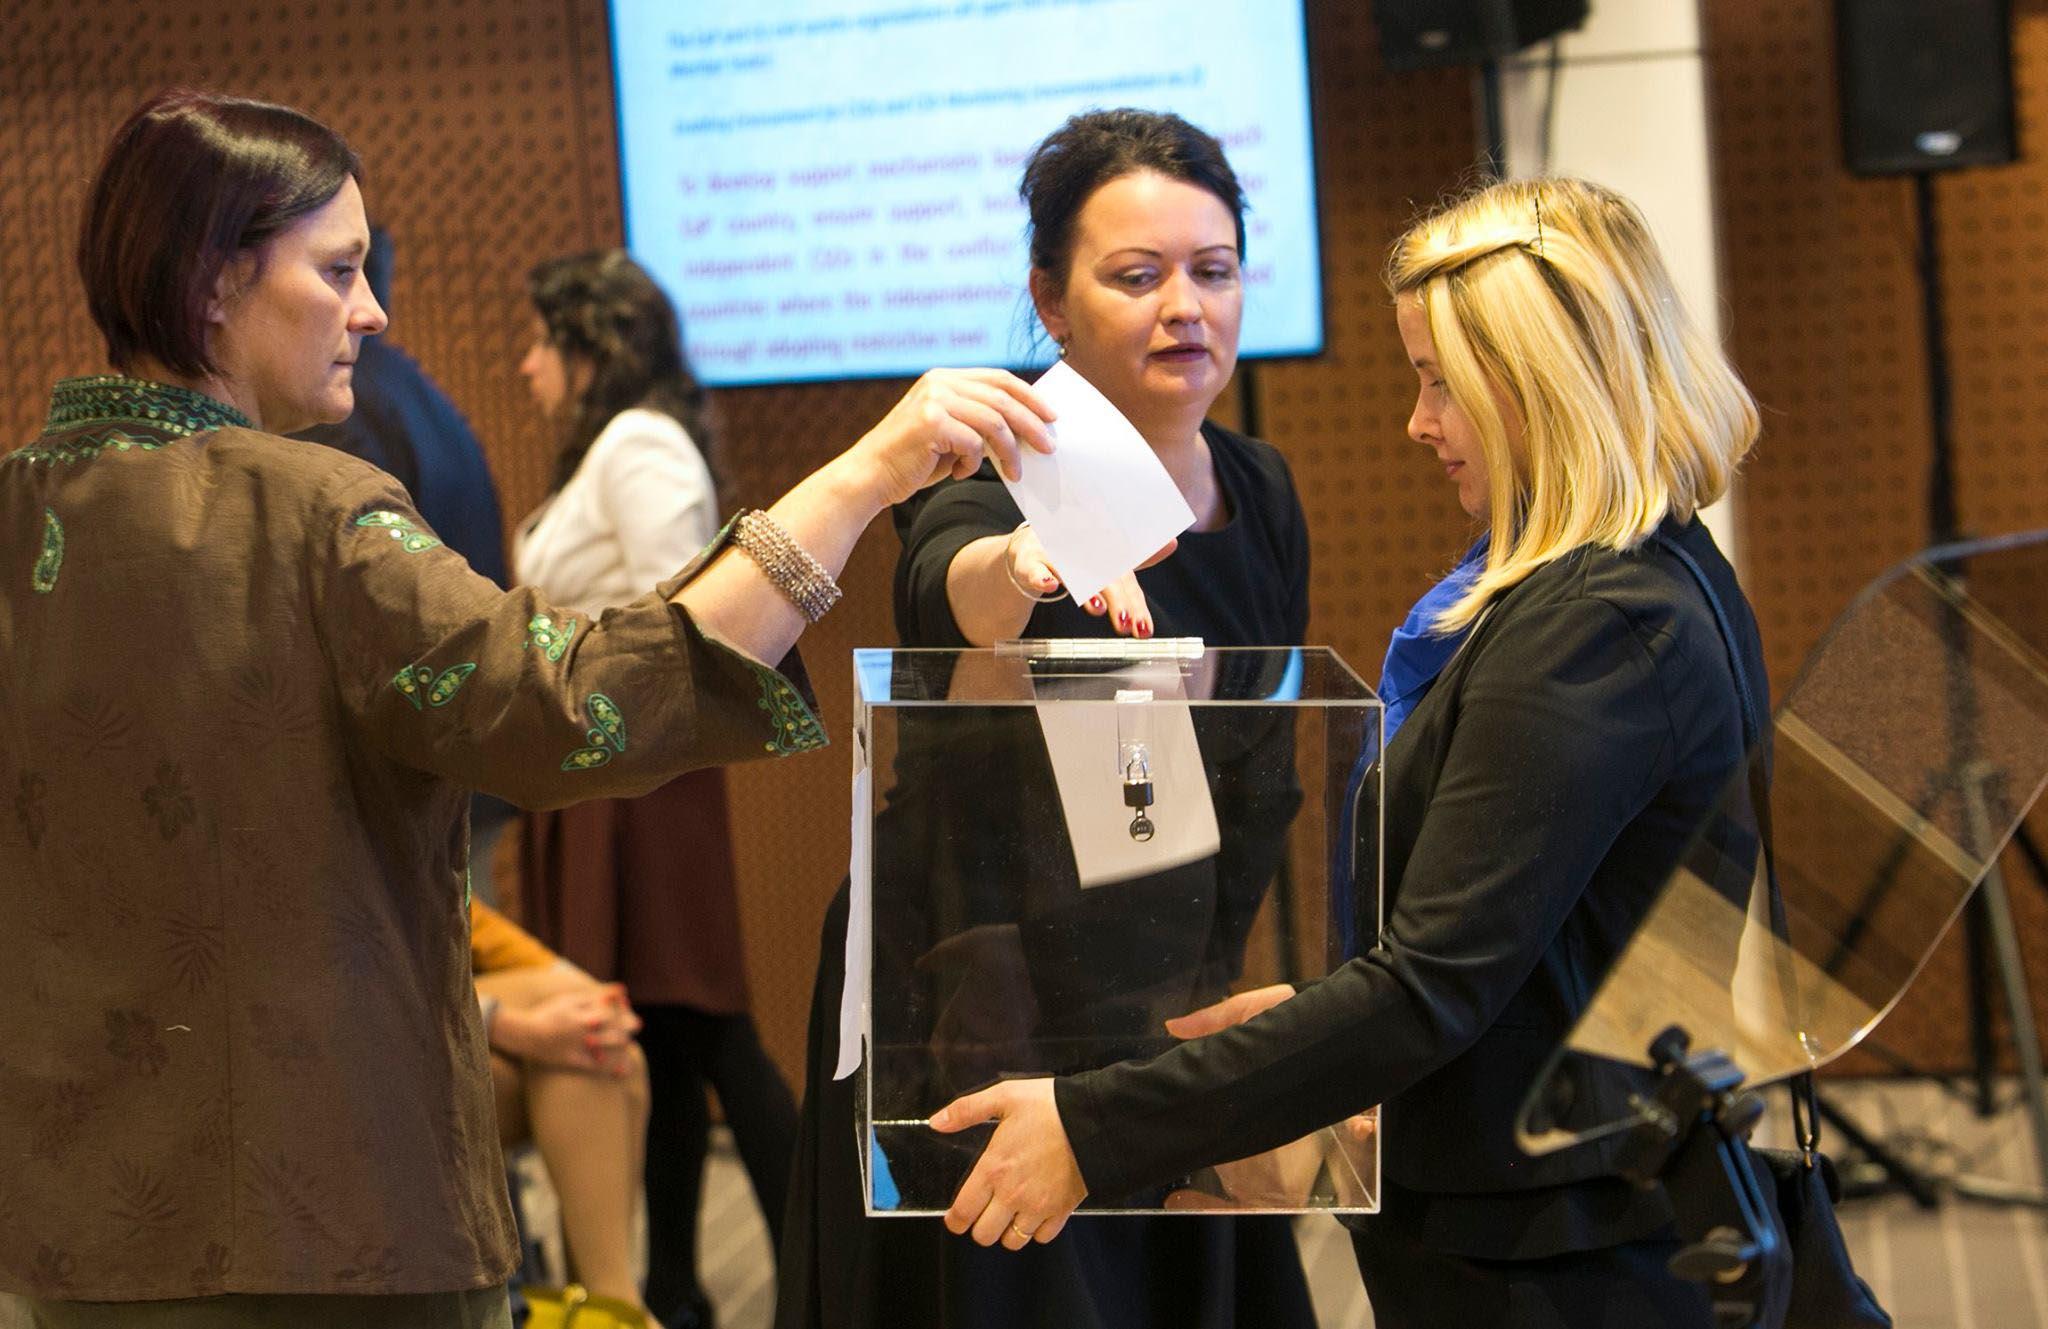 10-ая штогадовая асамблея Форуму Грамадзянскай Супольнасці Усходняга Партнёрства пачынае прыём заявак